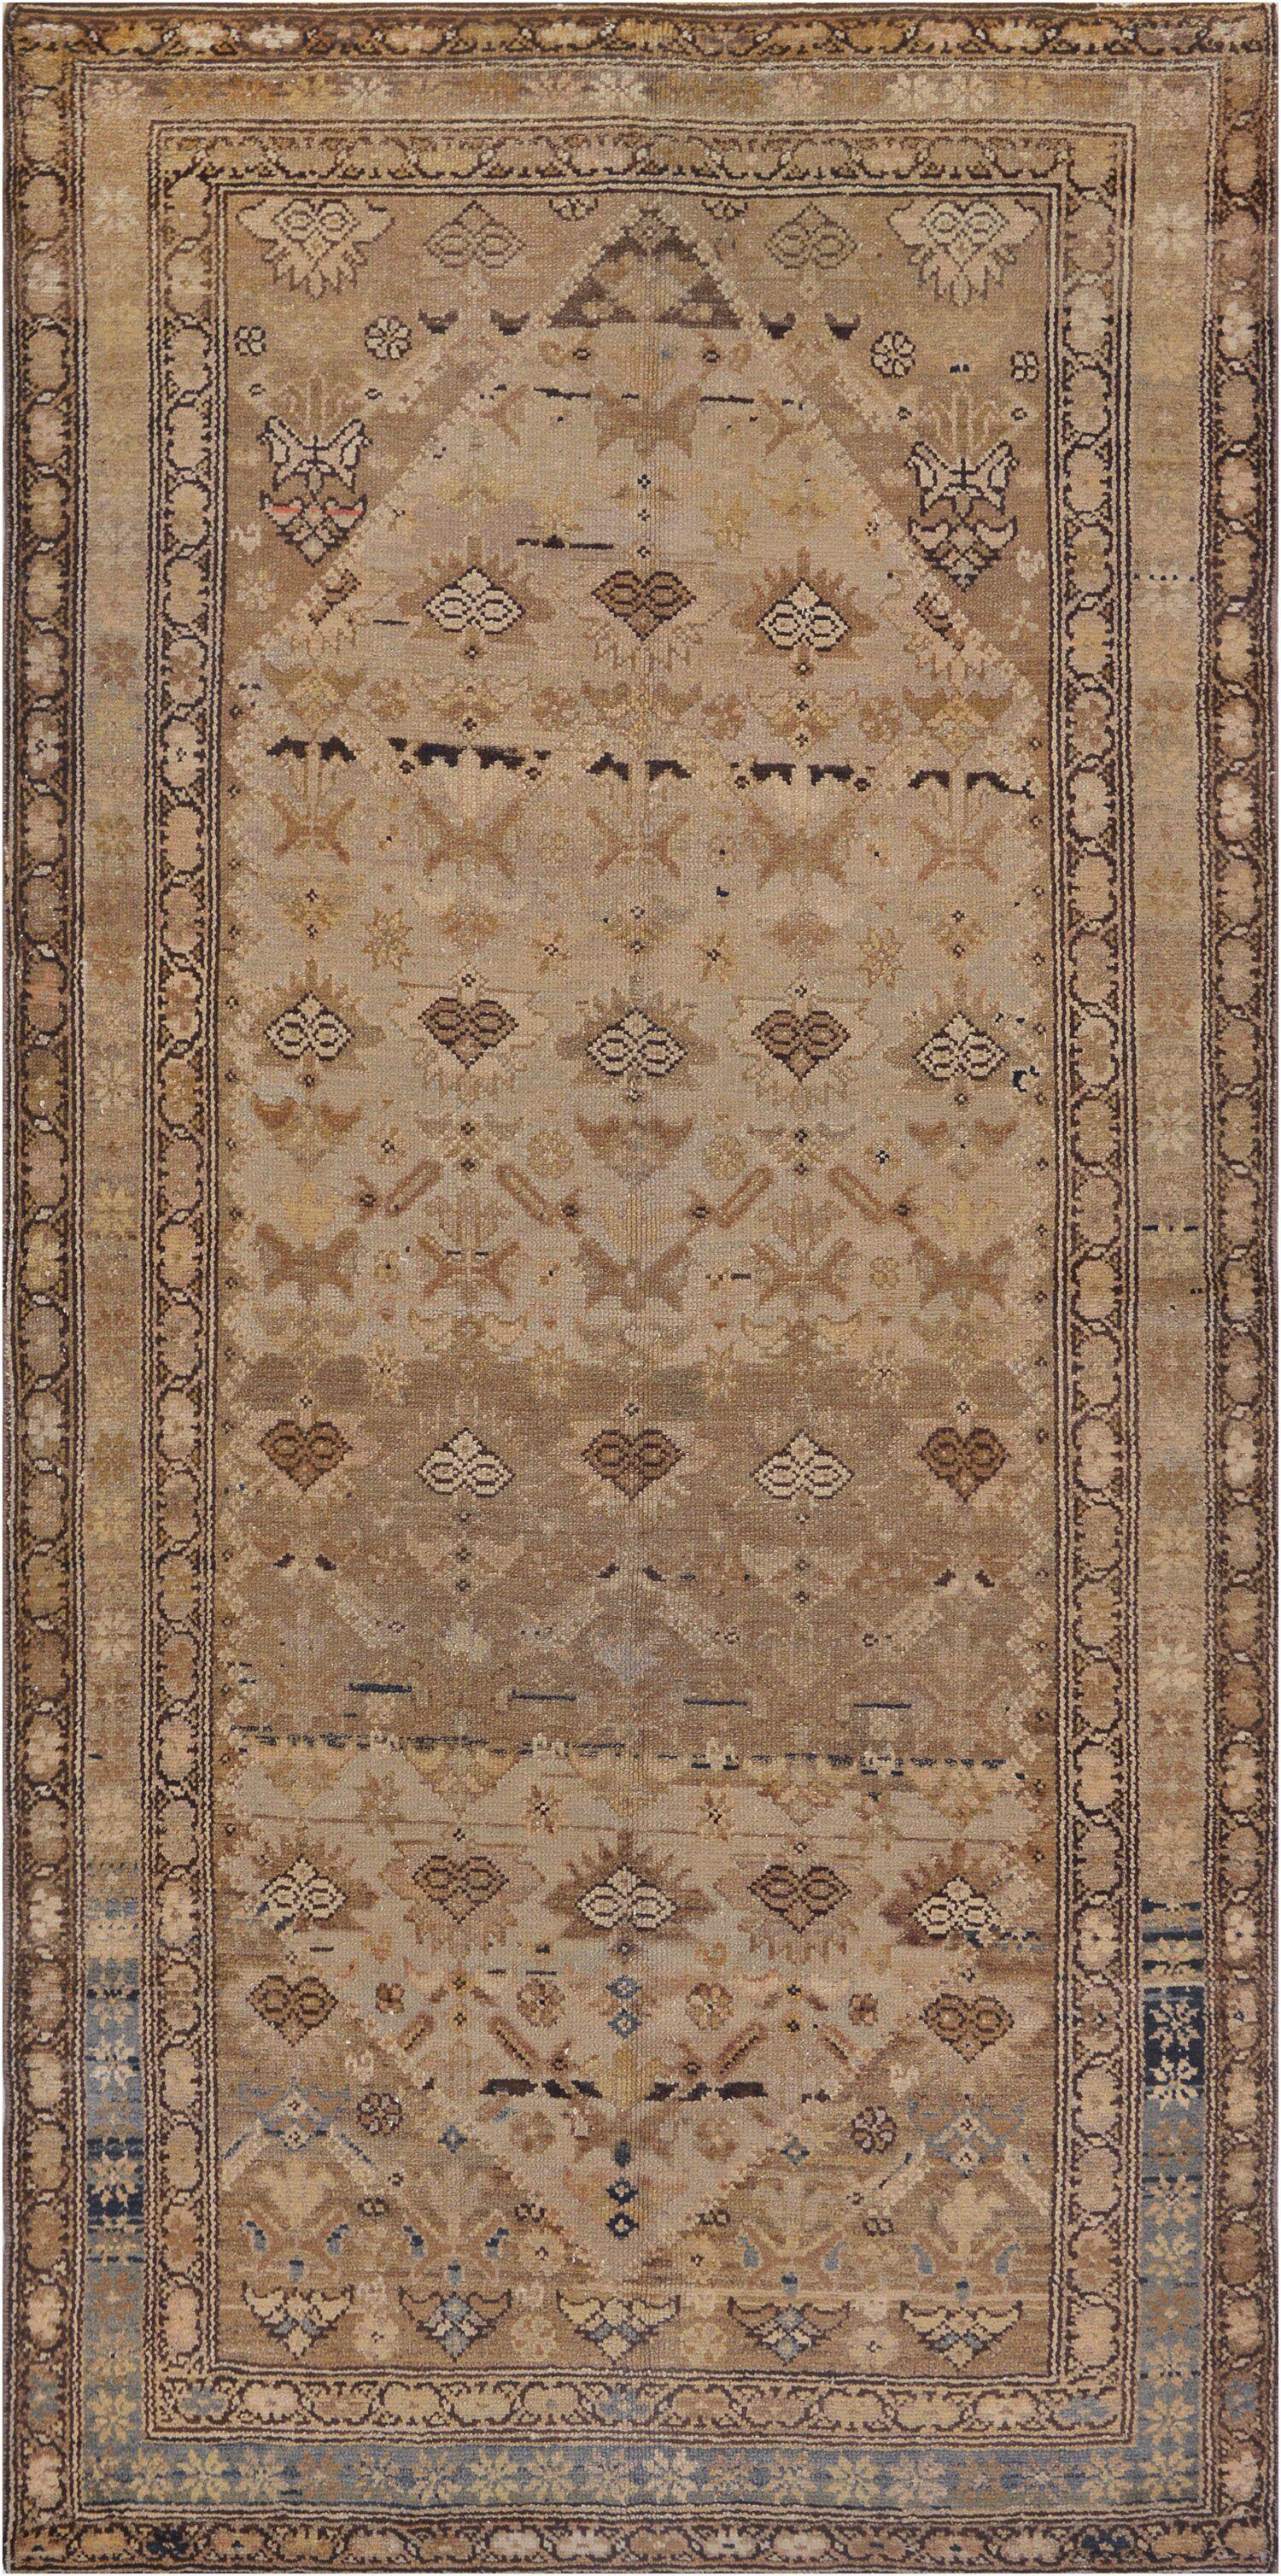 One-of-a-Kind Antique Fereghan Handwoven Wool Beige Indoor Area Rug